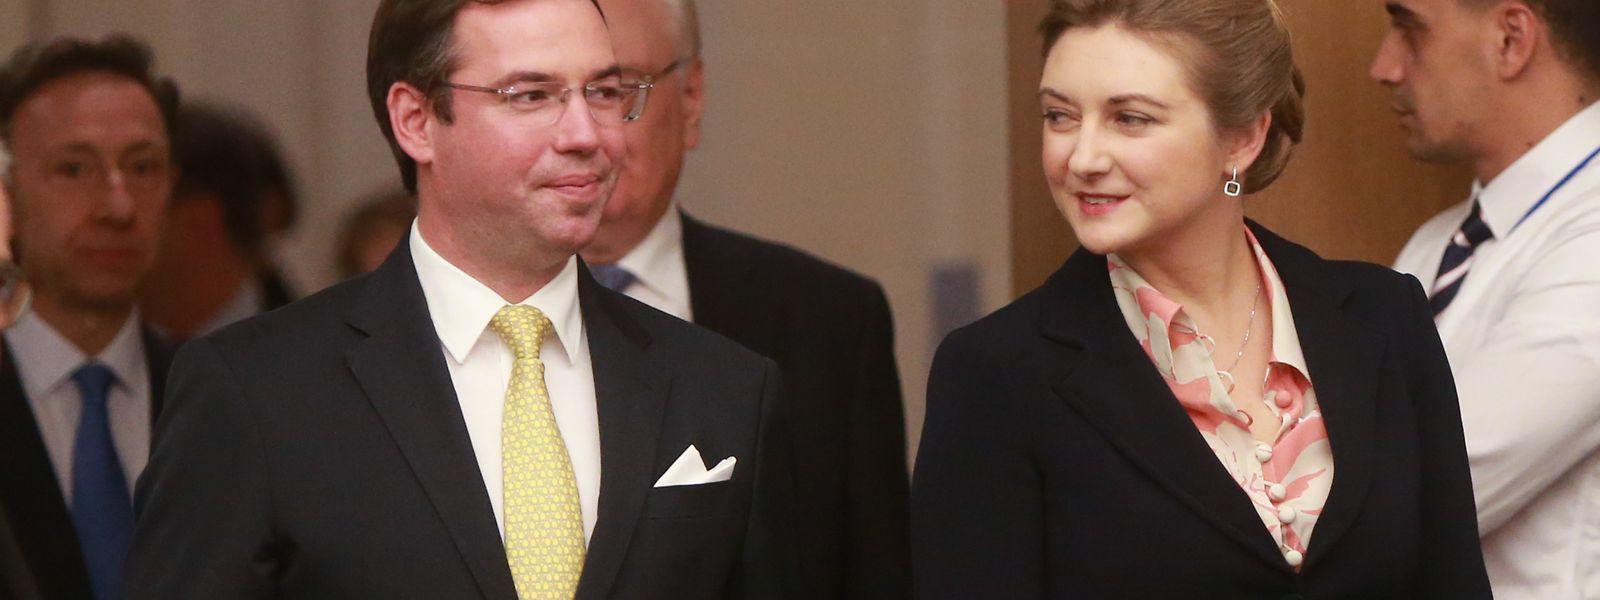 Erbgroßherzog Guillaume und Erbgroßherzogin Stéphanie sind bereits seit sieben Jahren miteinander verheiratet.